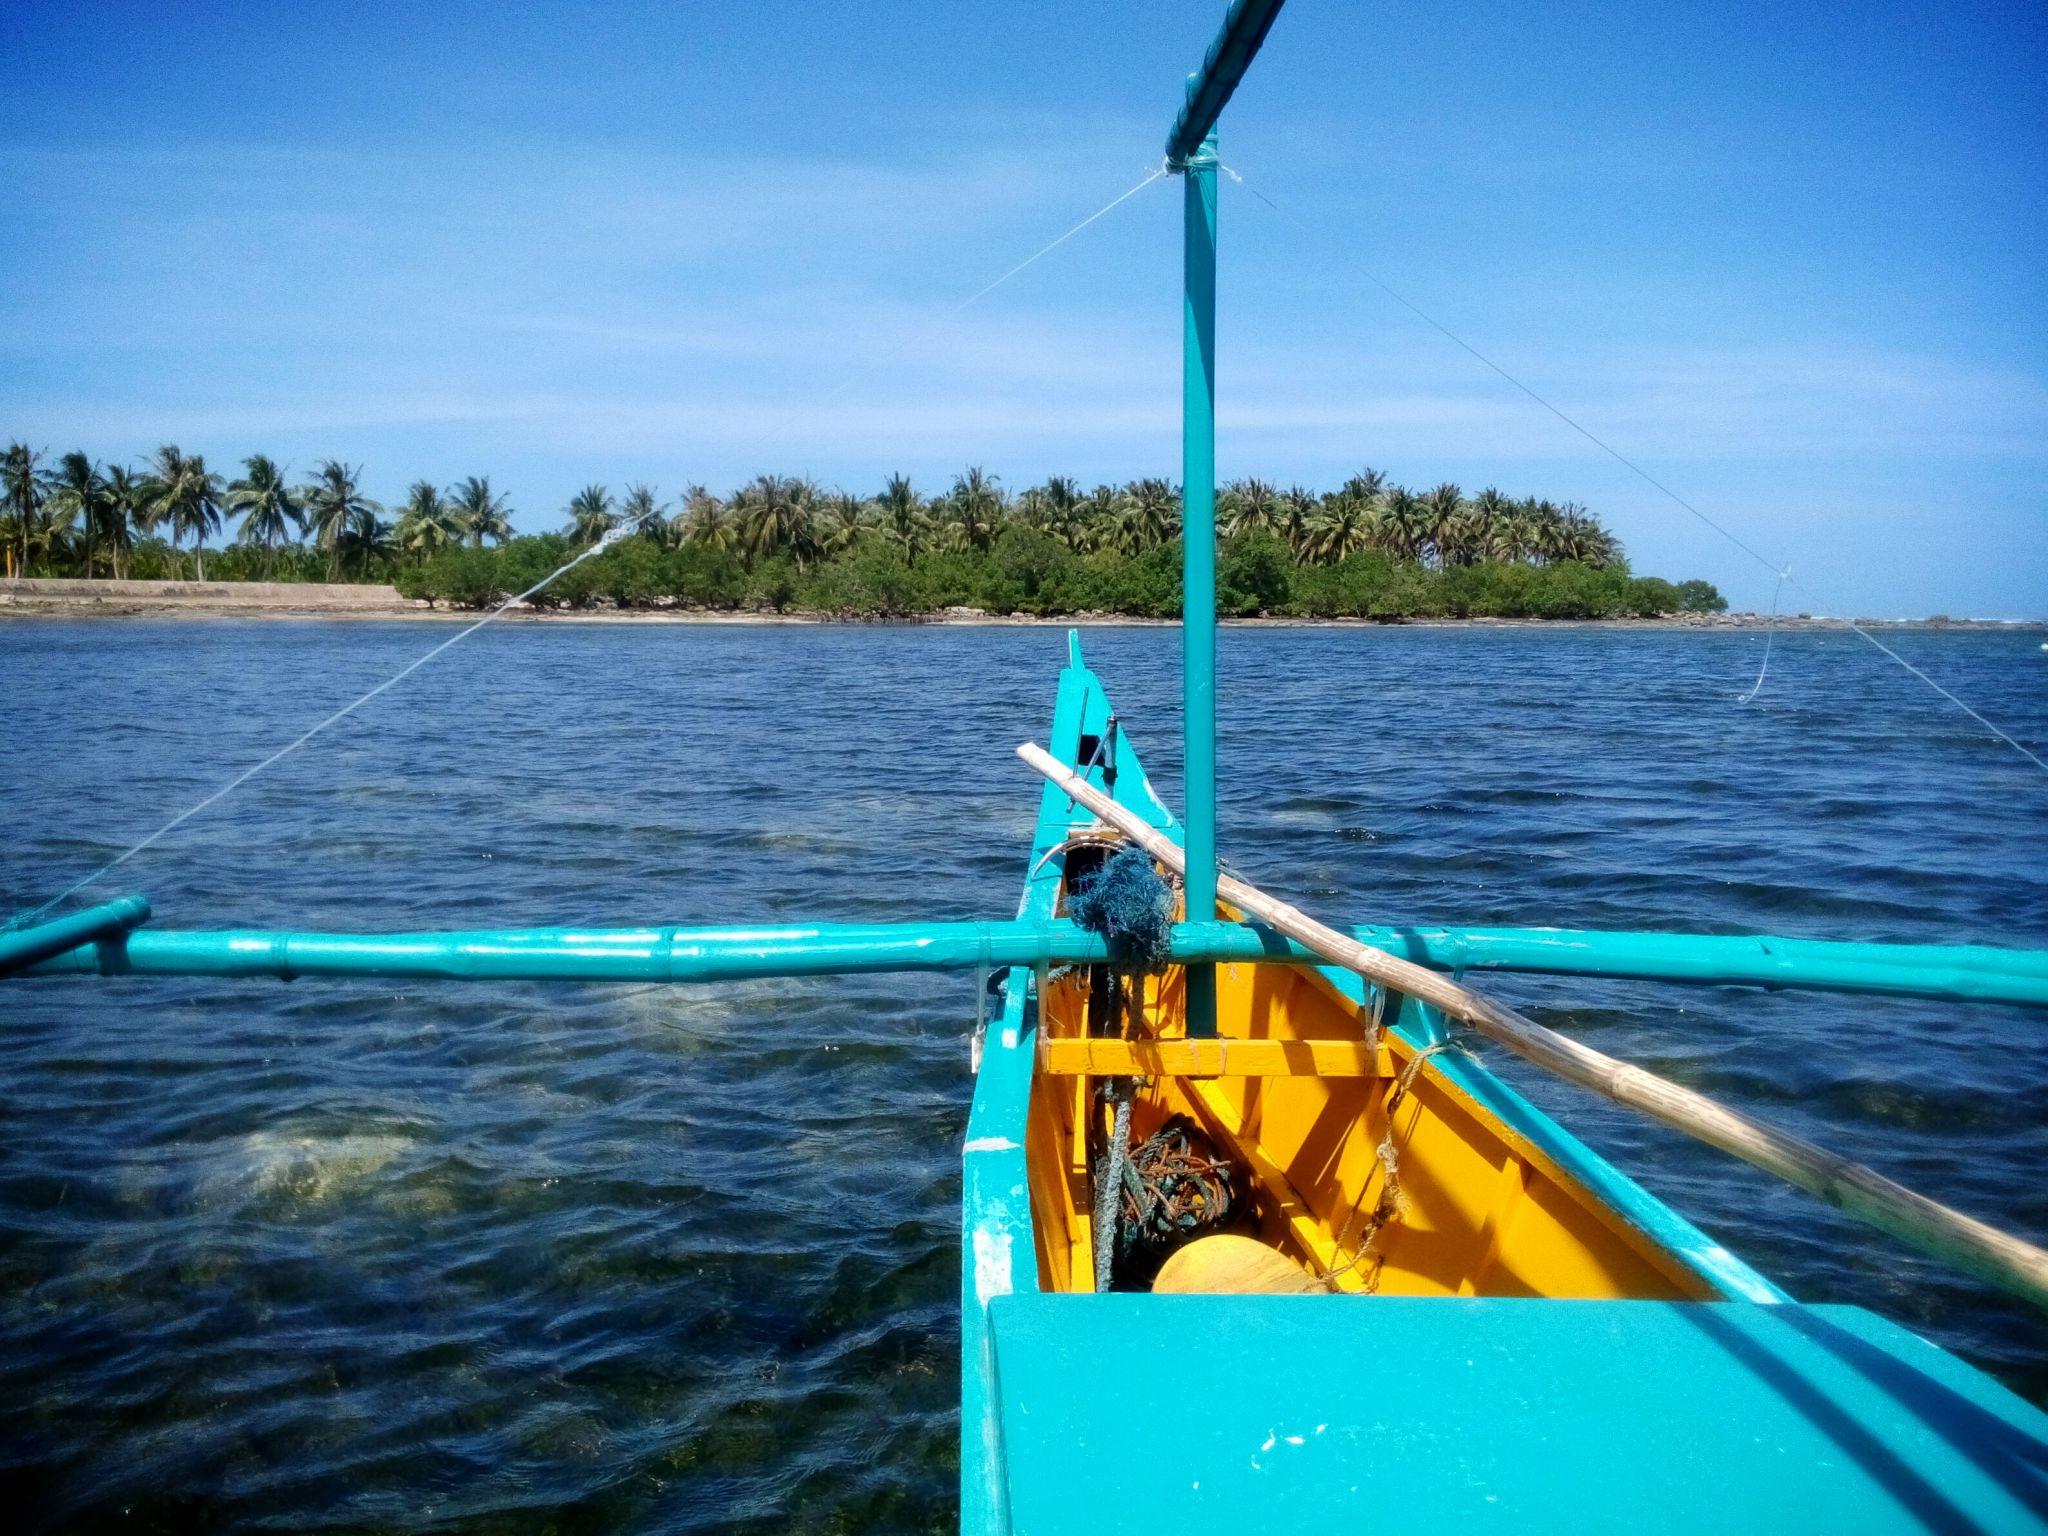 Widok na łódkę i ocean w pobliżu Santa Fe na Filipinach